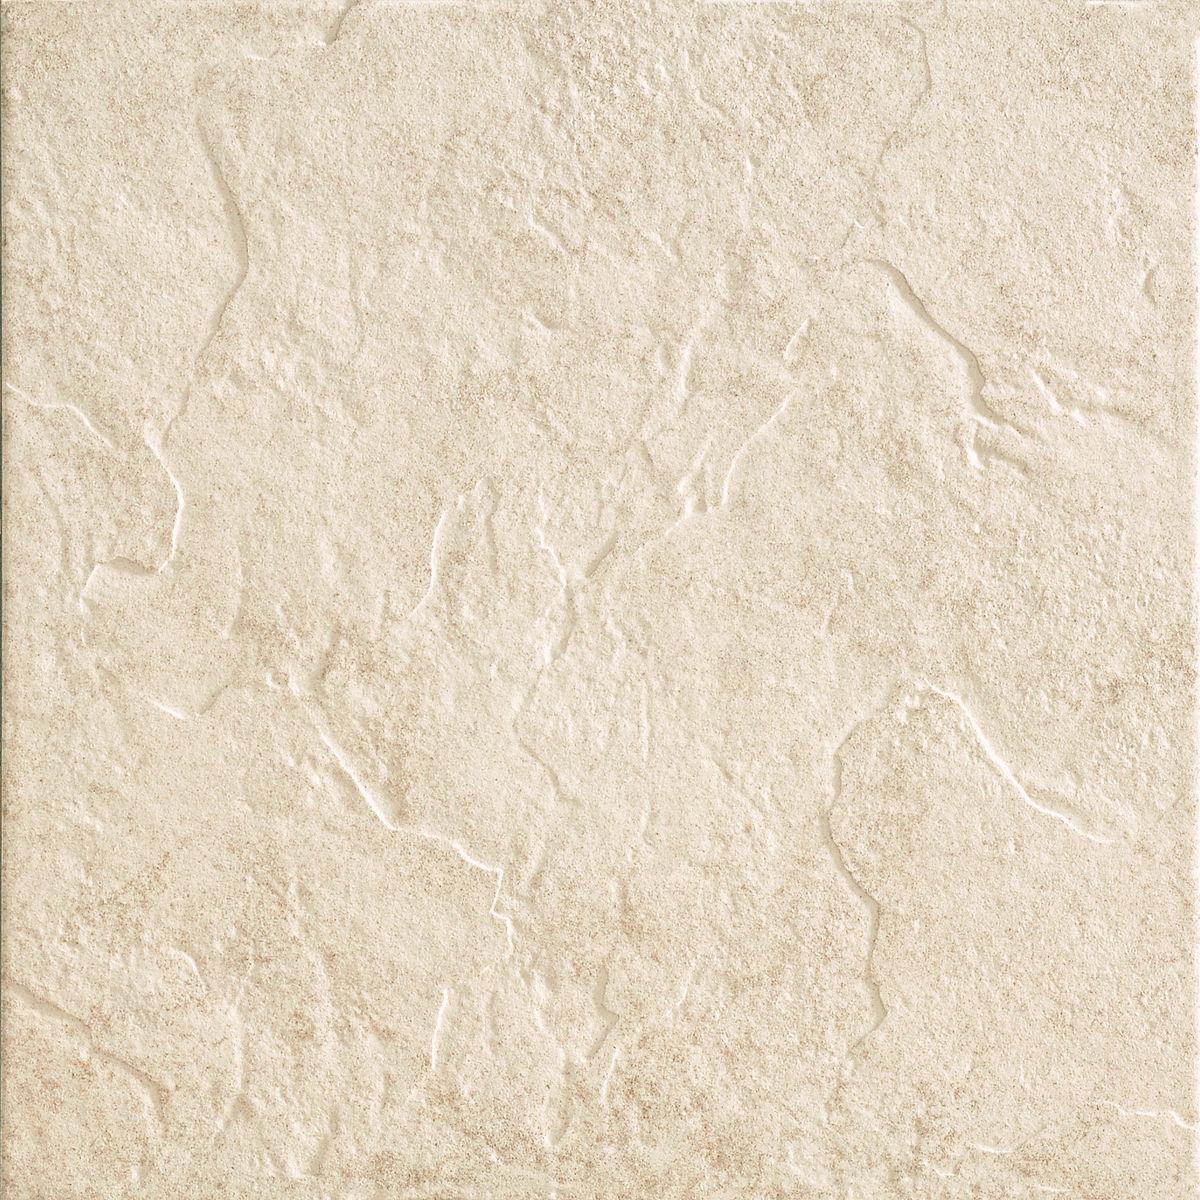 Керамогранит Zeus Ceramica Casa Geo Avorio 30×30 Cp8012121p